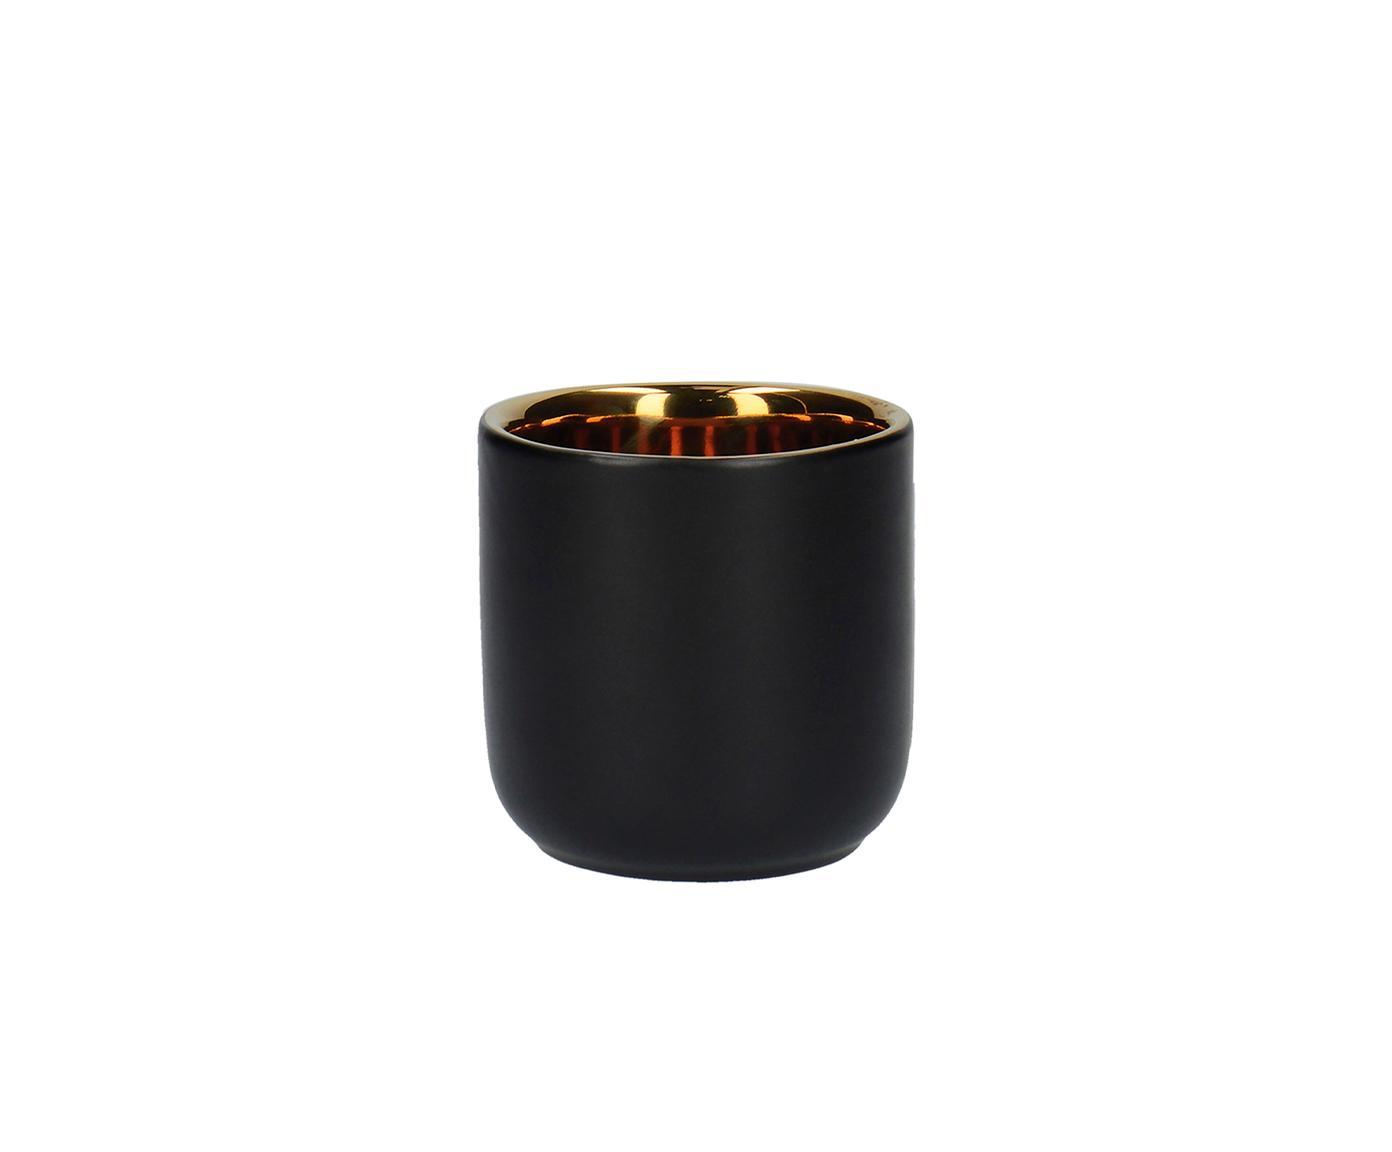 Tazas de café La Cafetiere, 2uds., Gres, Negro, latón, Ø 8 x Al 8 cm